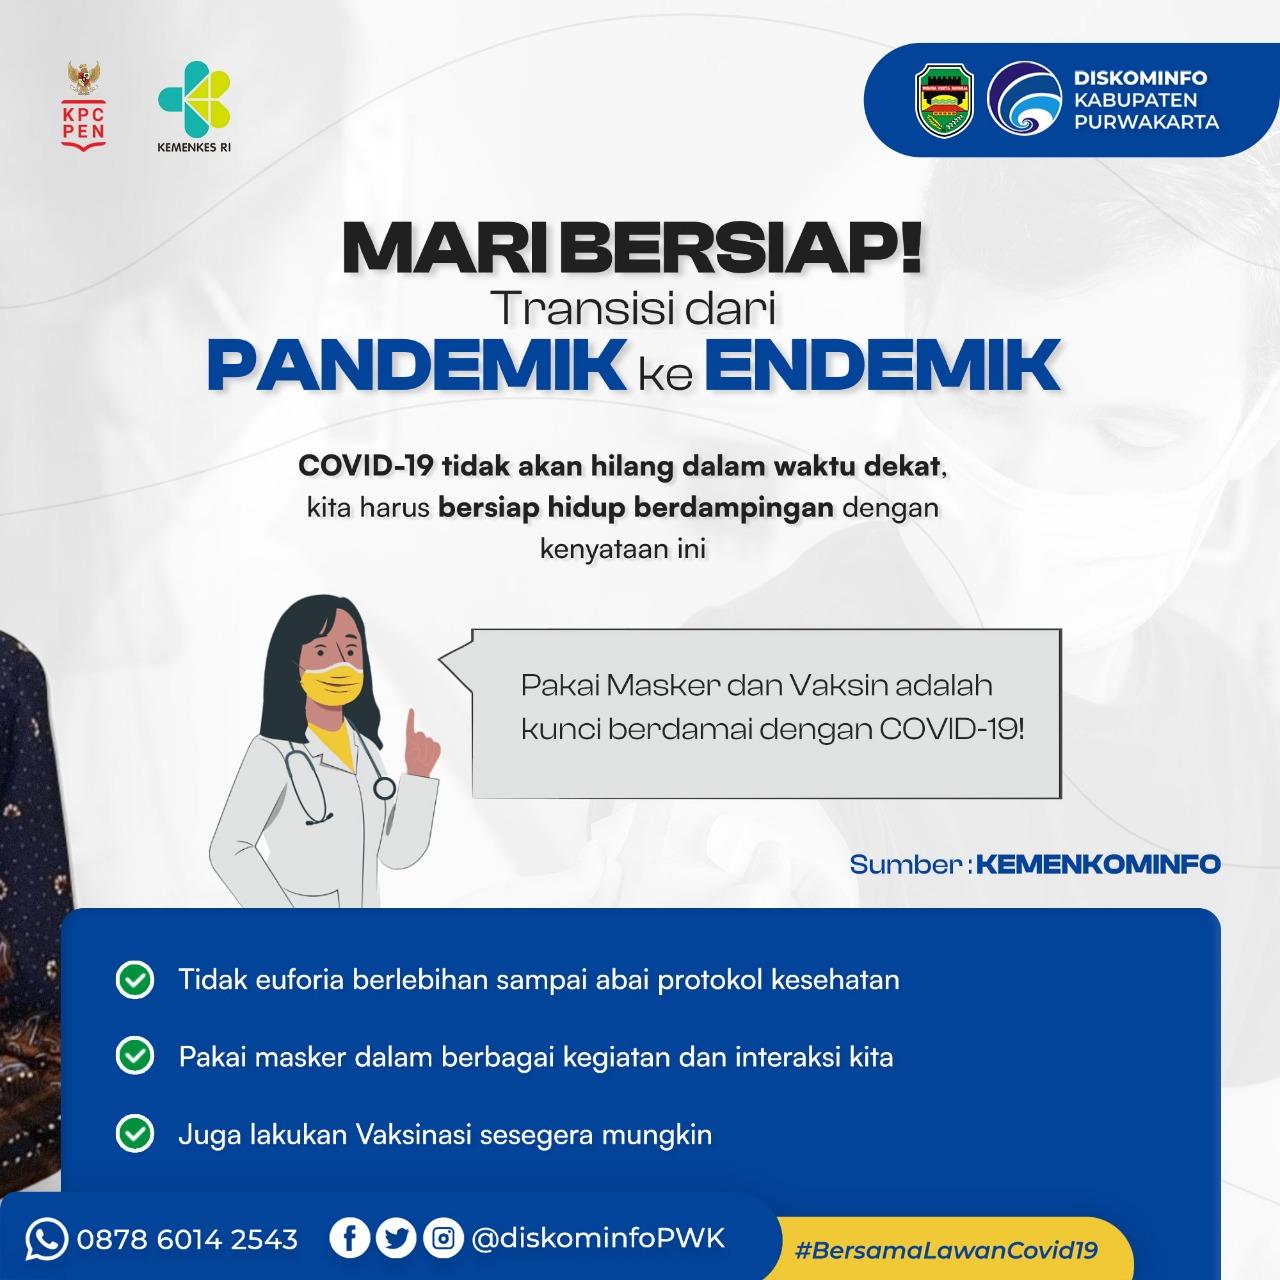 Mari Bersiap! Transisi dari Pandemik ke Endemik